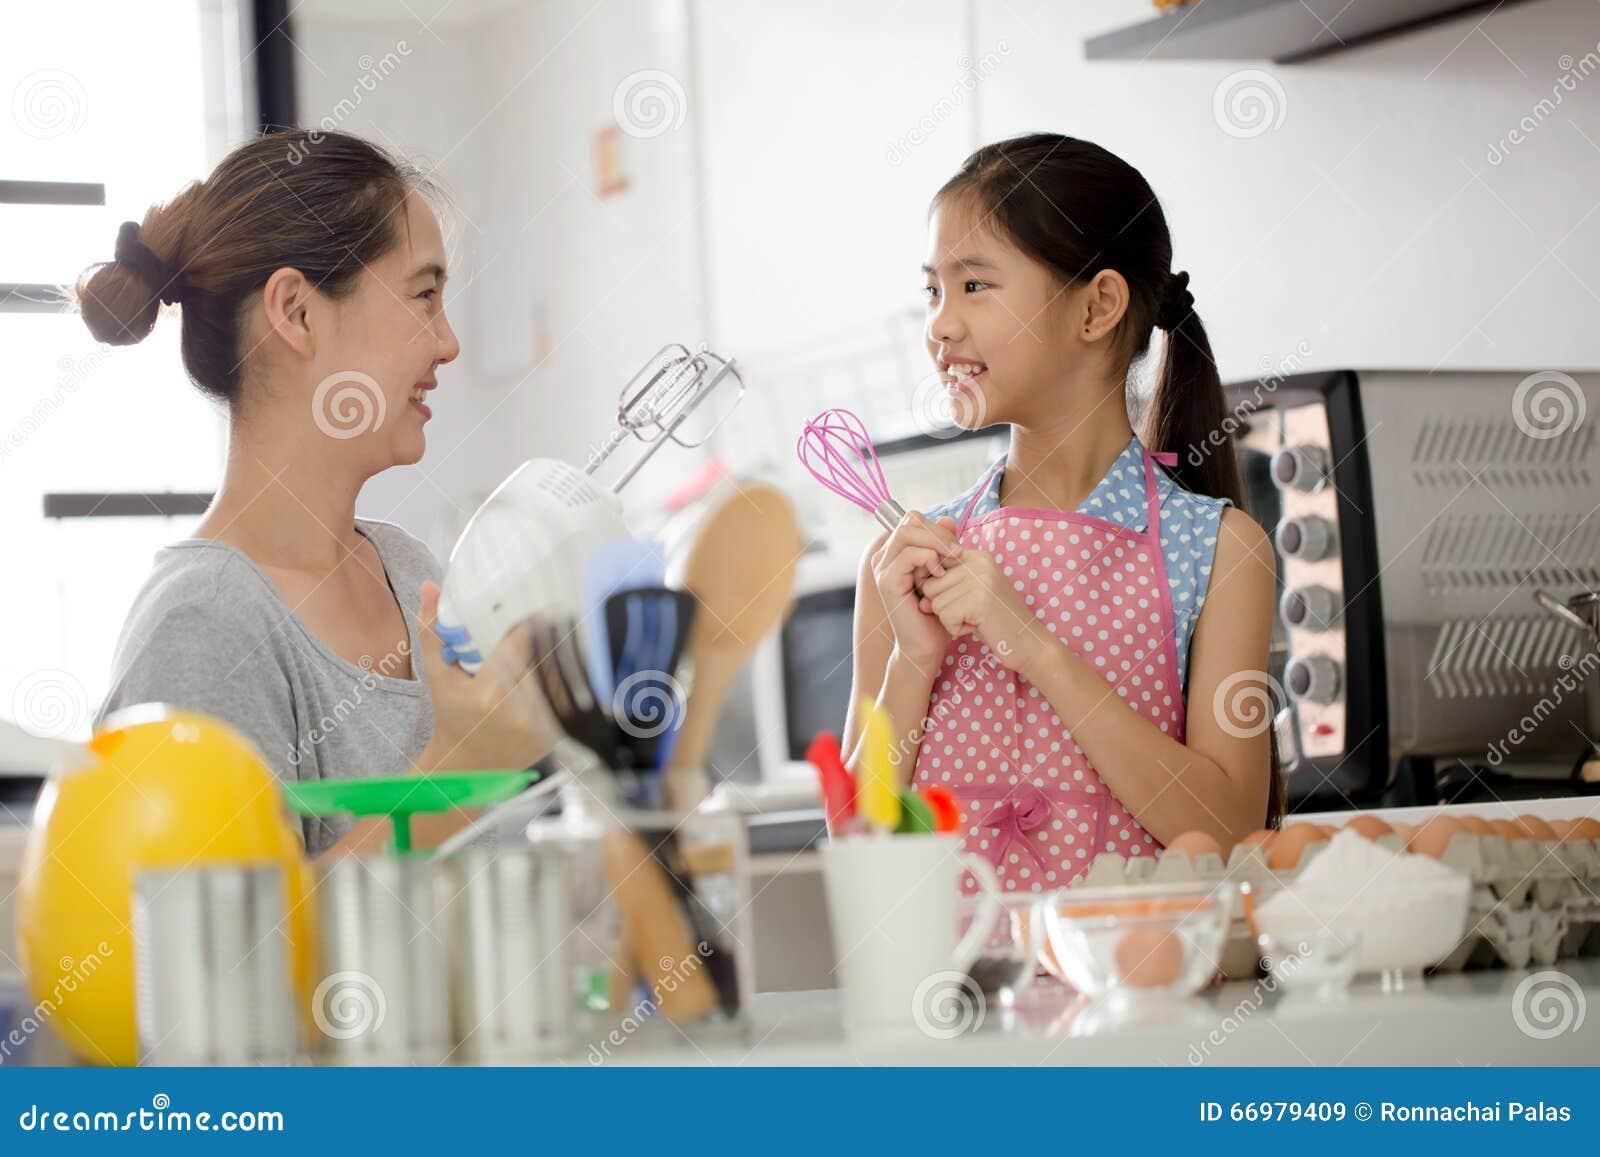 Moment heureux de famille dans la cuisine